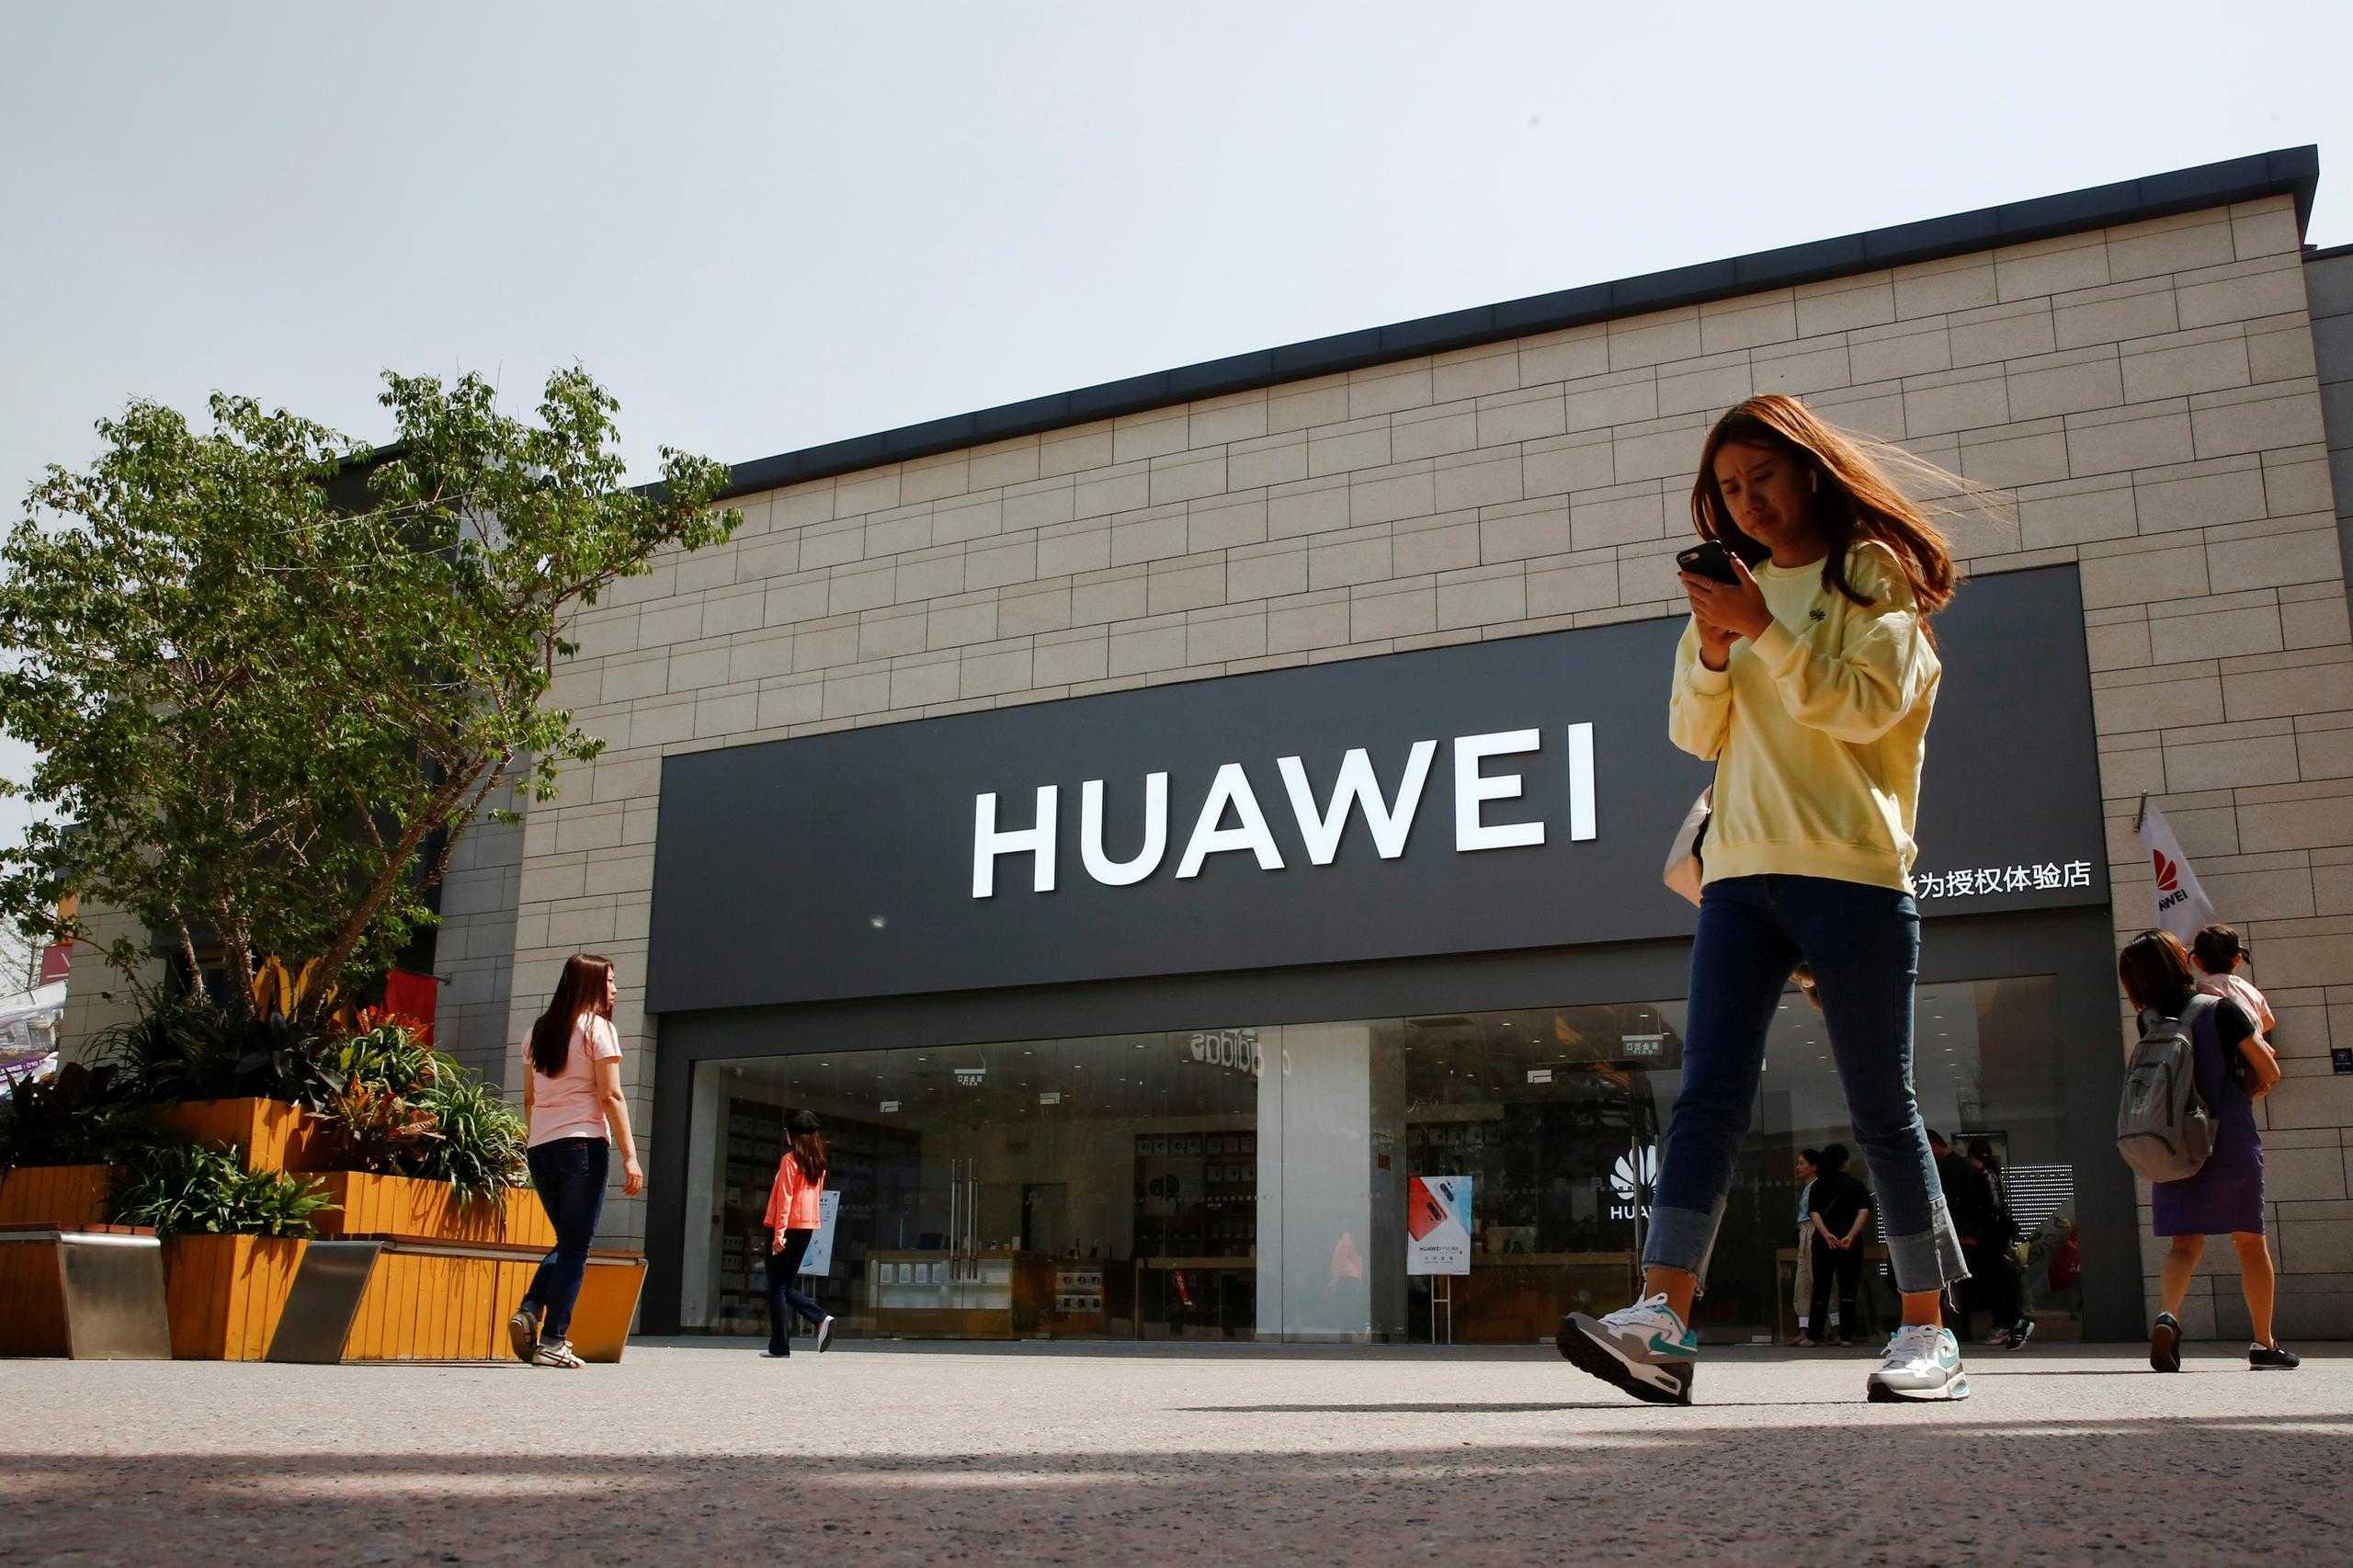 Финансового директора huawei арестовали по требованию сша. ранее компанию подозревали в шпионаже